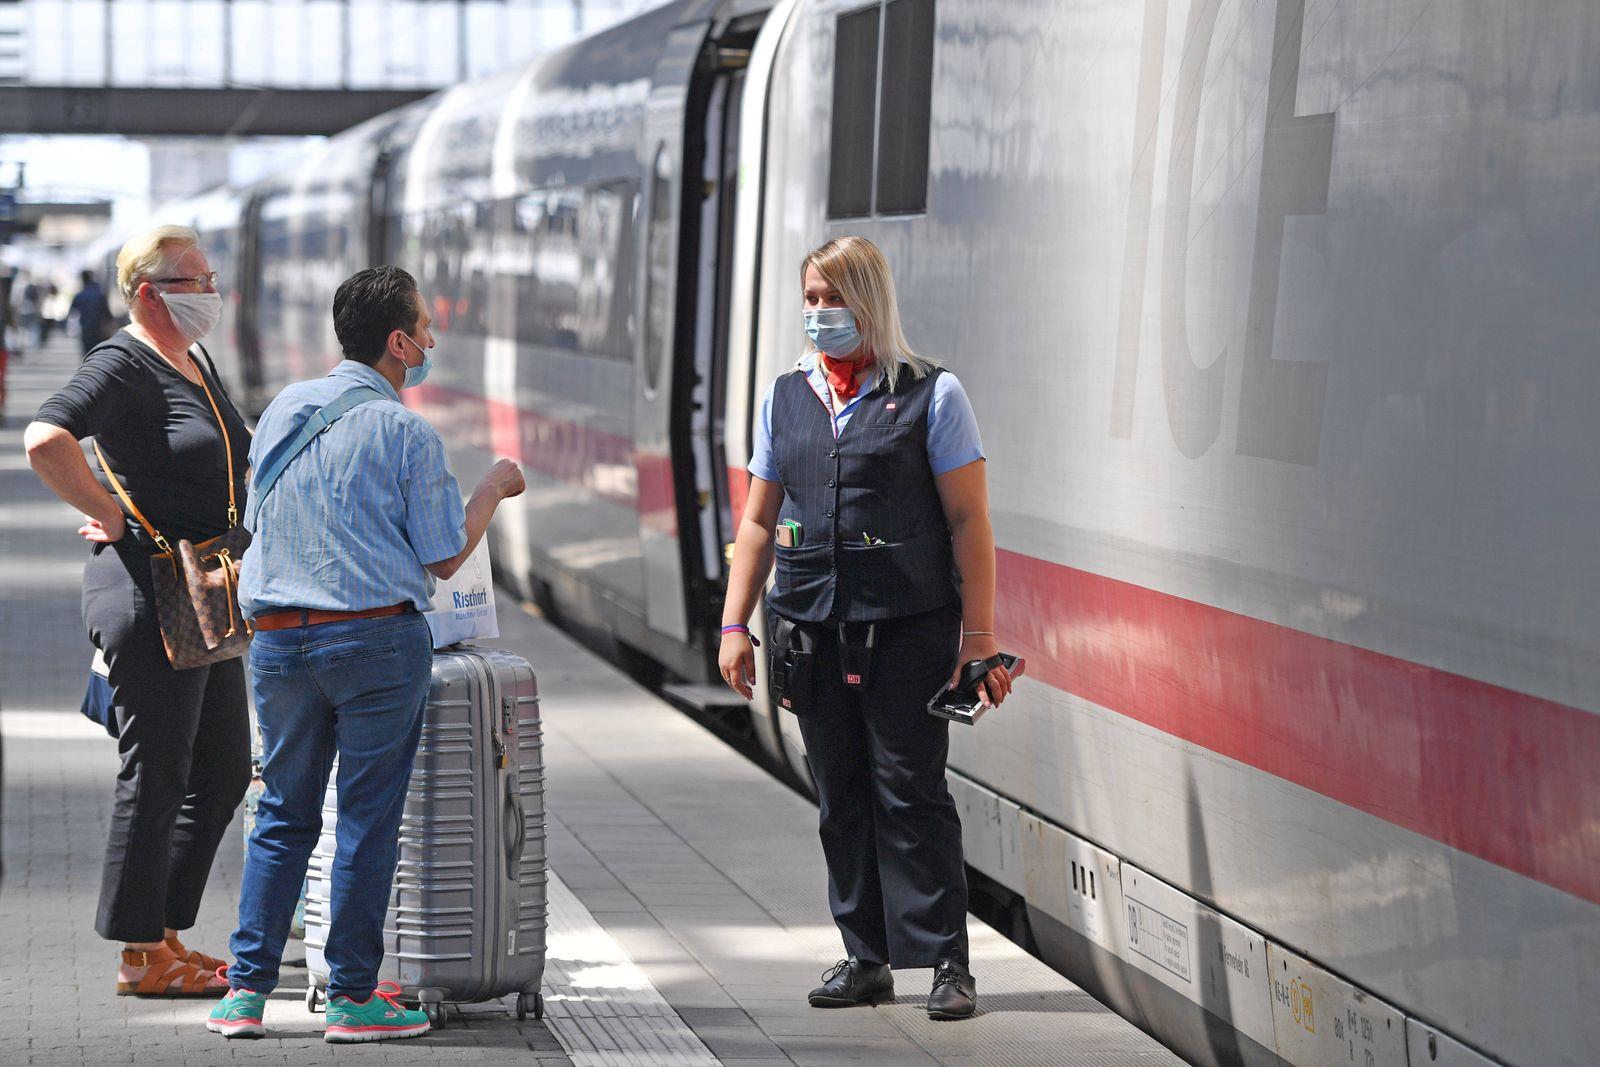 Maskenpflicht im oeffentlichen Personenverkehr. Hauptbahnhof Muenchen am 29.07.2020. Fahrgaeste sprechen mit einer Bedie